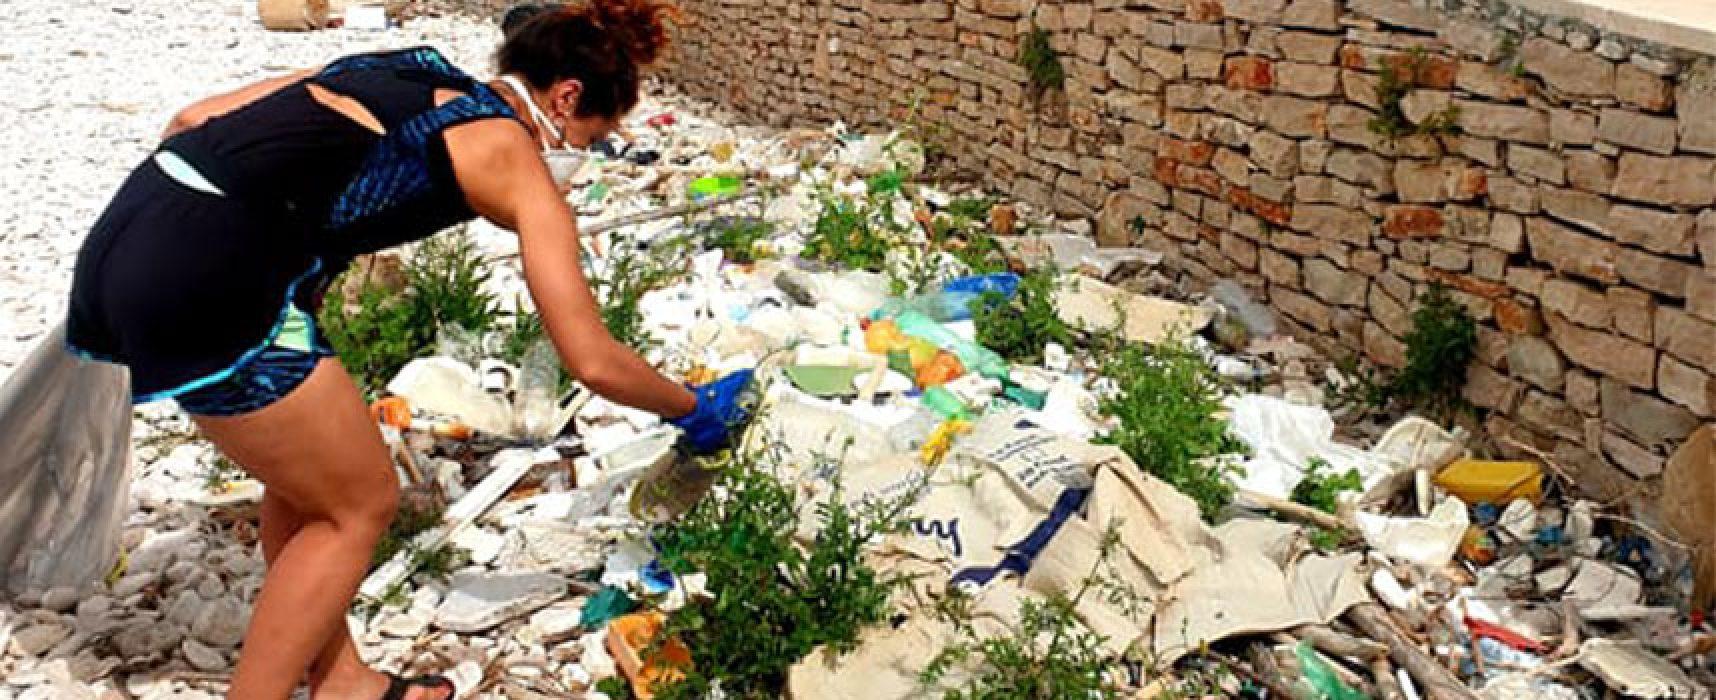 Dall'indignazione all'azione, sale a 30 il numero dei cittadini pronti a pulire le spiagge biscegliesi / FOTO